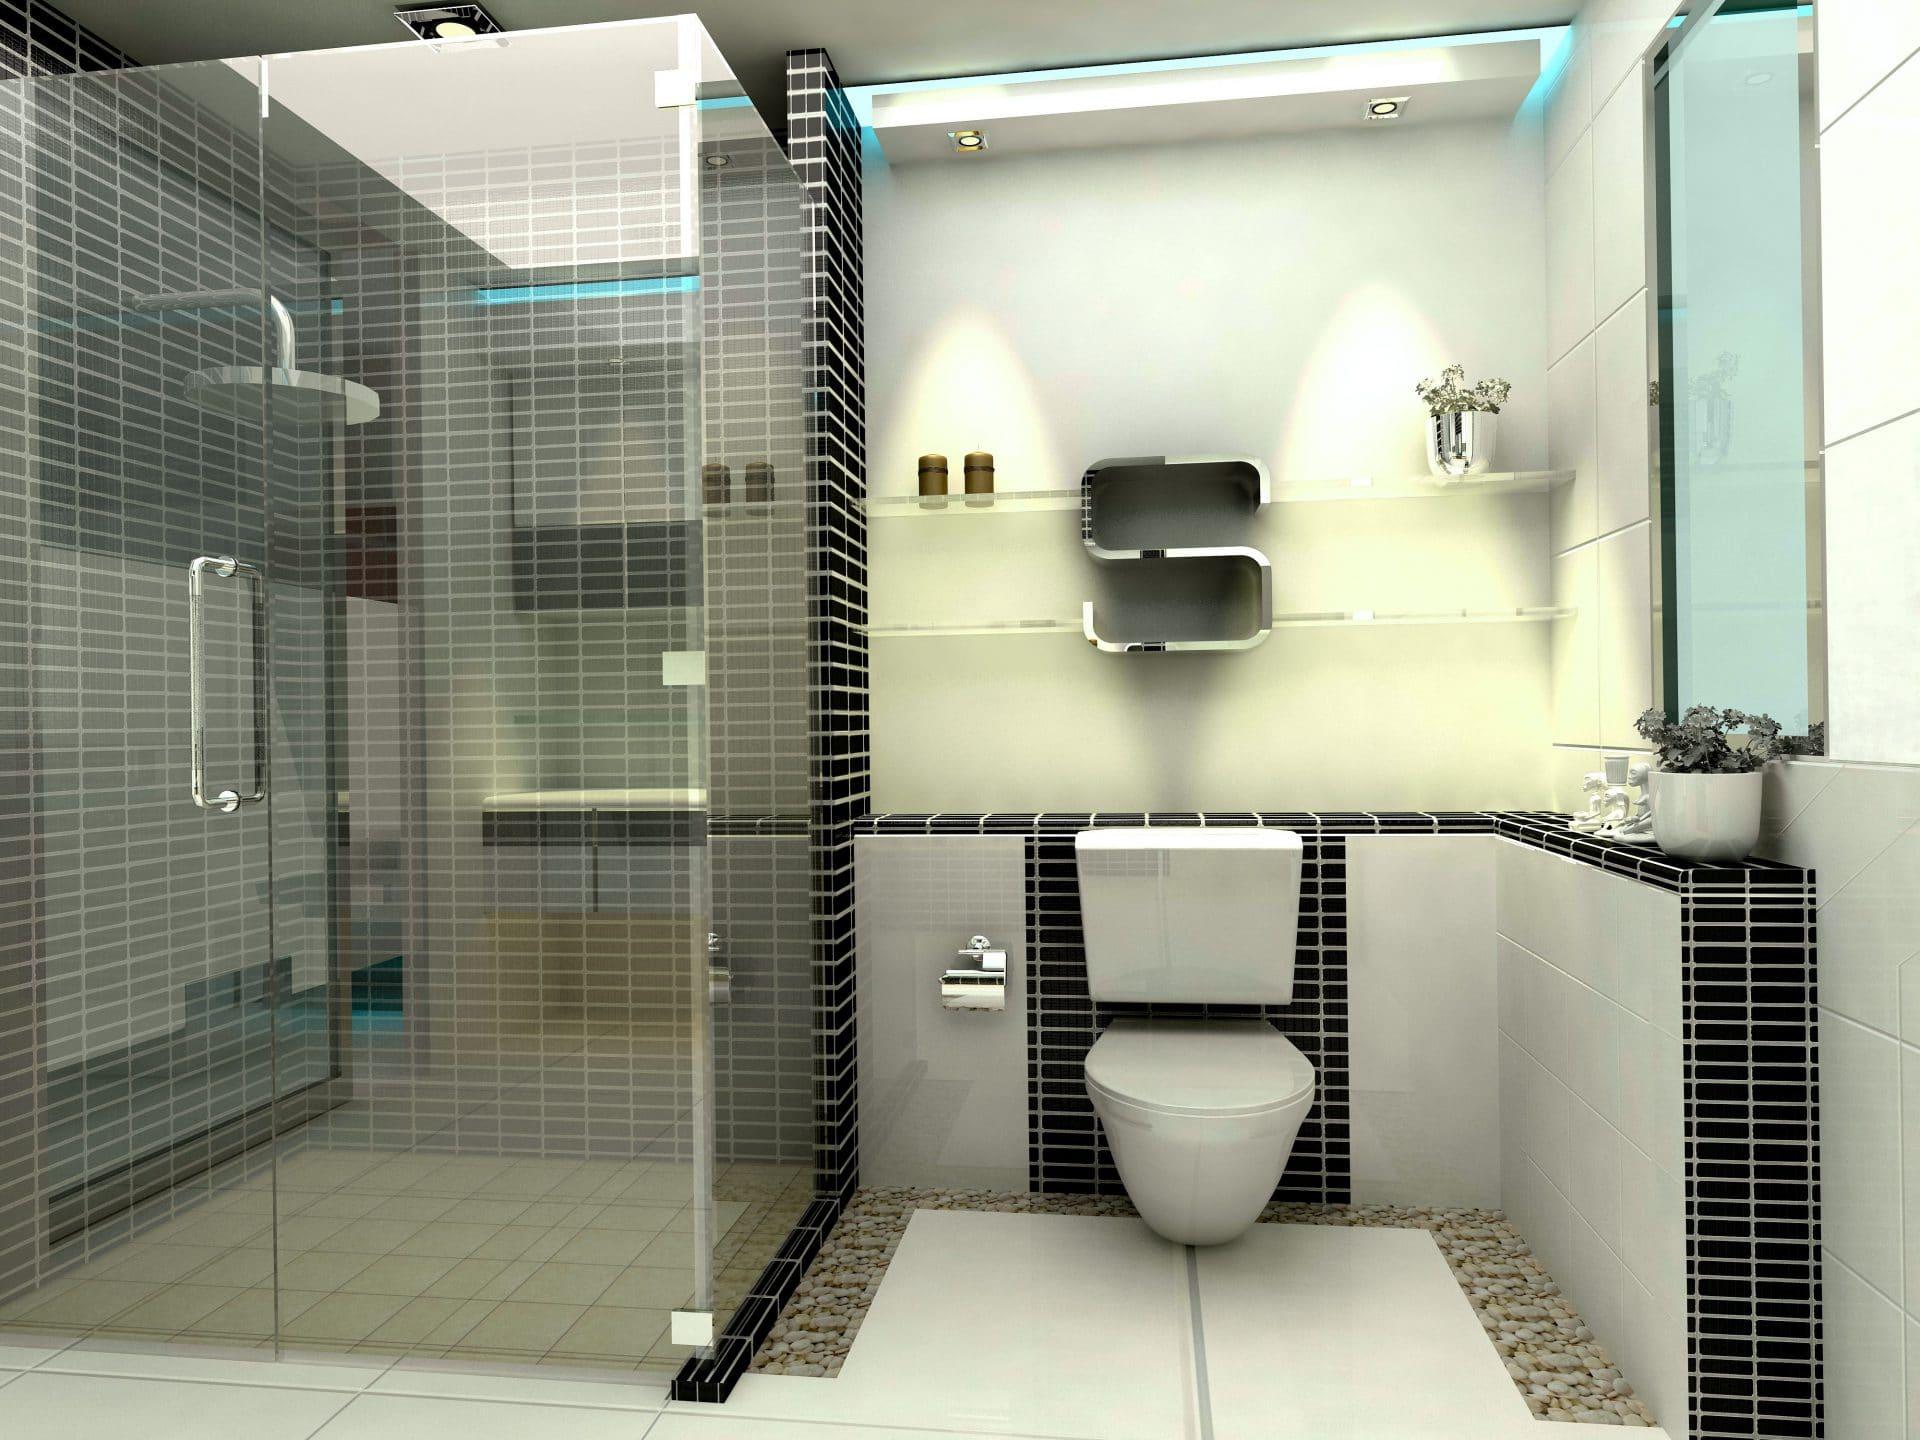 Accessoires Salle De Bain Geneve ~ paroi de douche sur mesure design haute gamme vitrerie lausanne ch